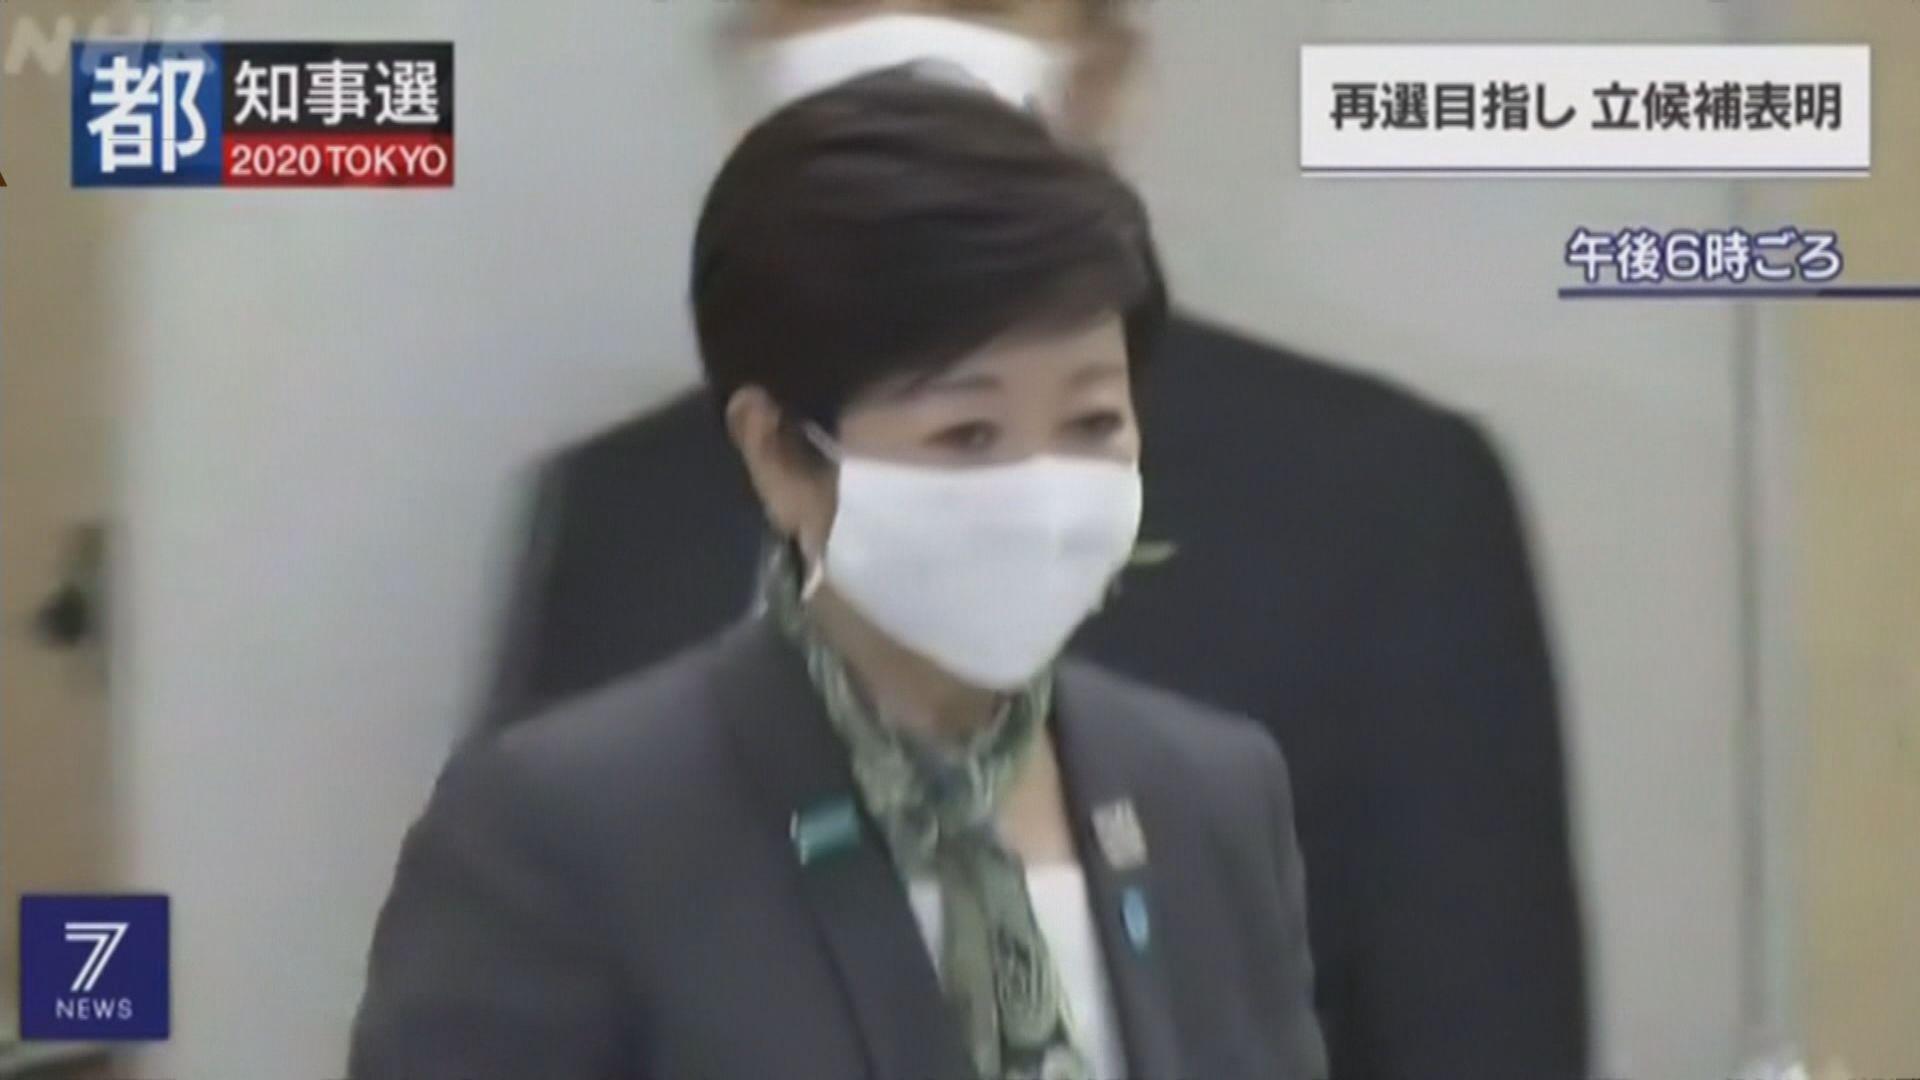 小池百合子宣布競逐連任東京都知事